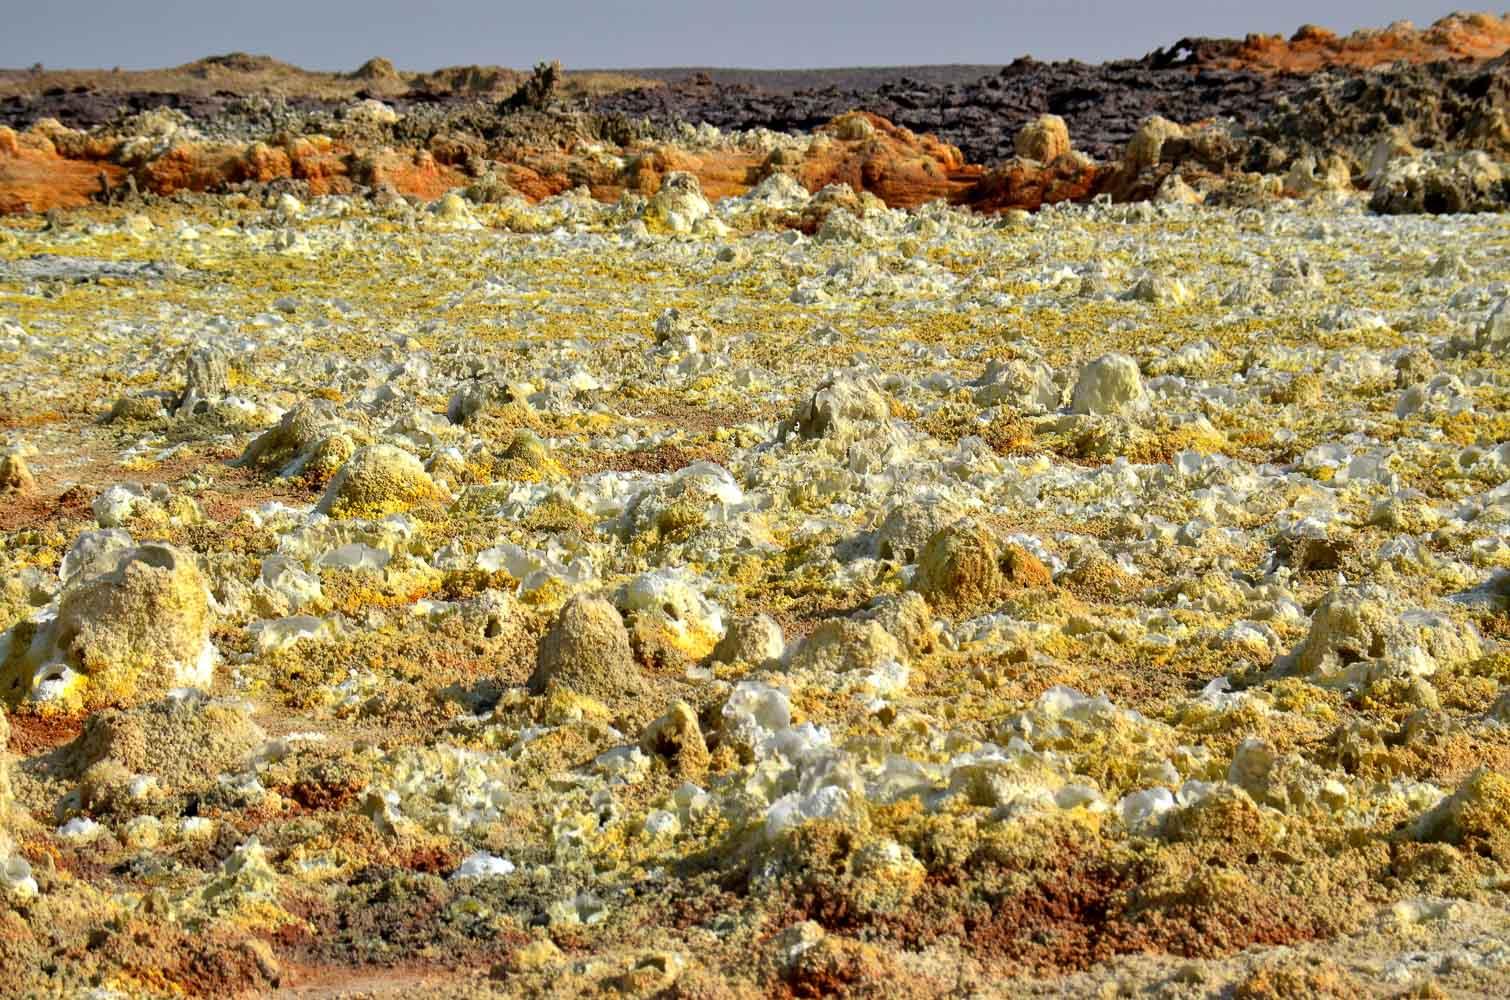 Les couleurs du sel, Danakil, Ethiopie 21